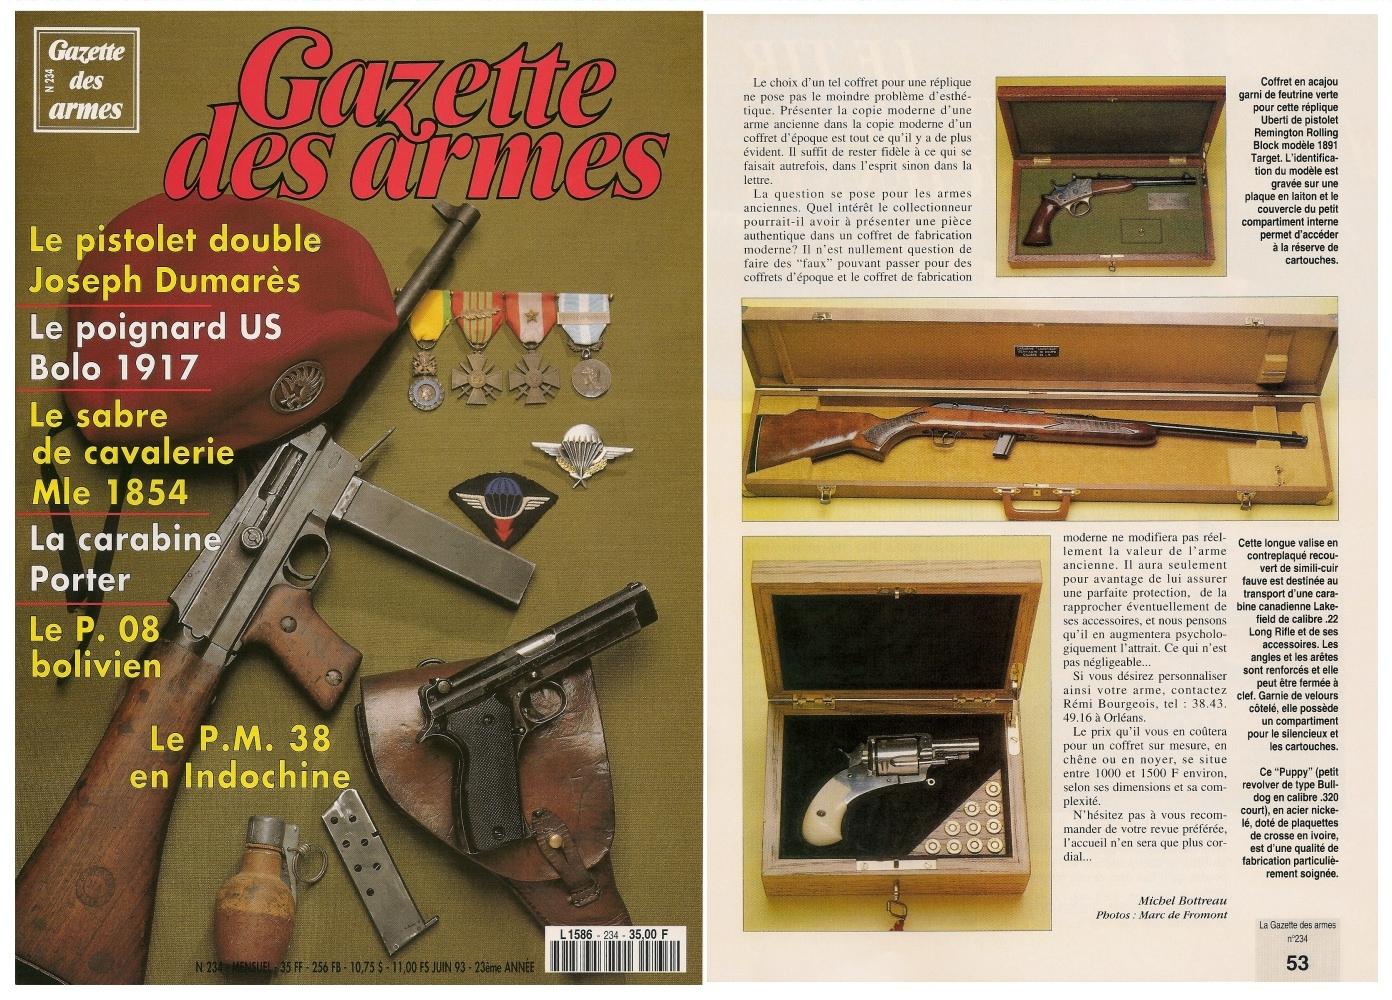 Ce reportage consacré aux coffrets sur mesure a été publié sur 4 pages dans le magazine Gazette des Armes n°234 (juin 1993).